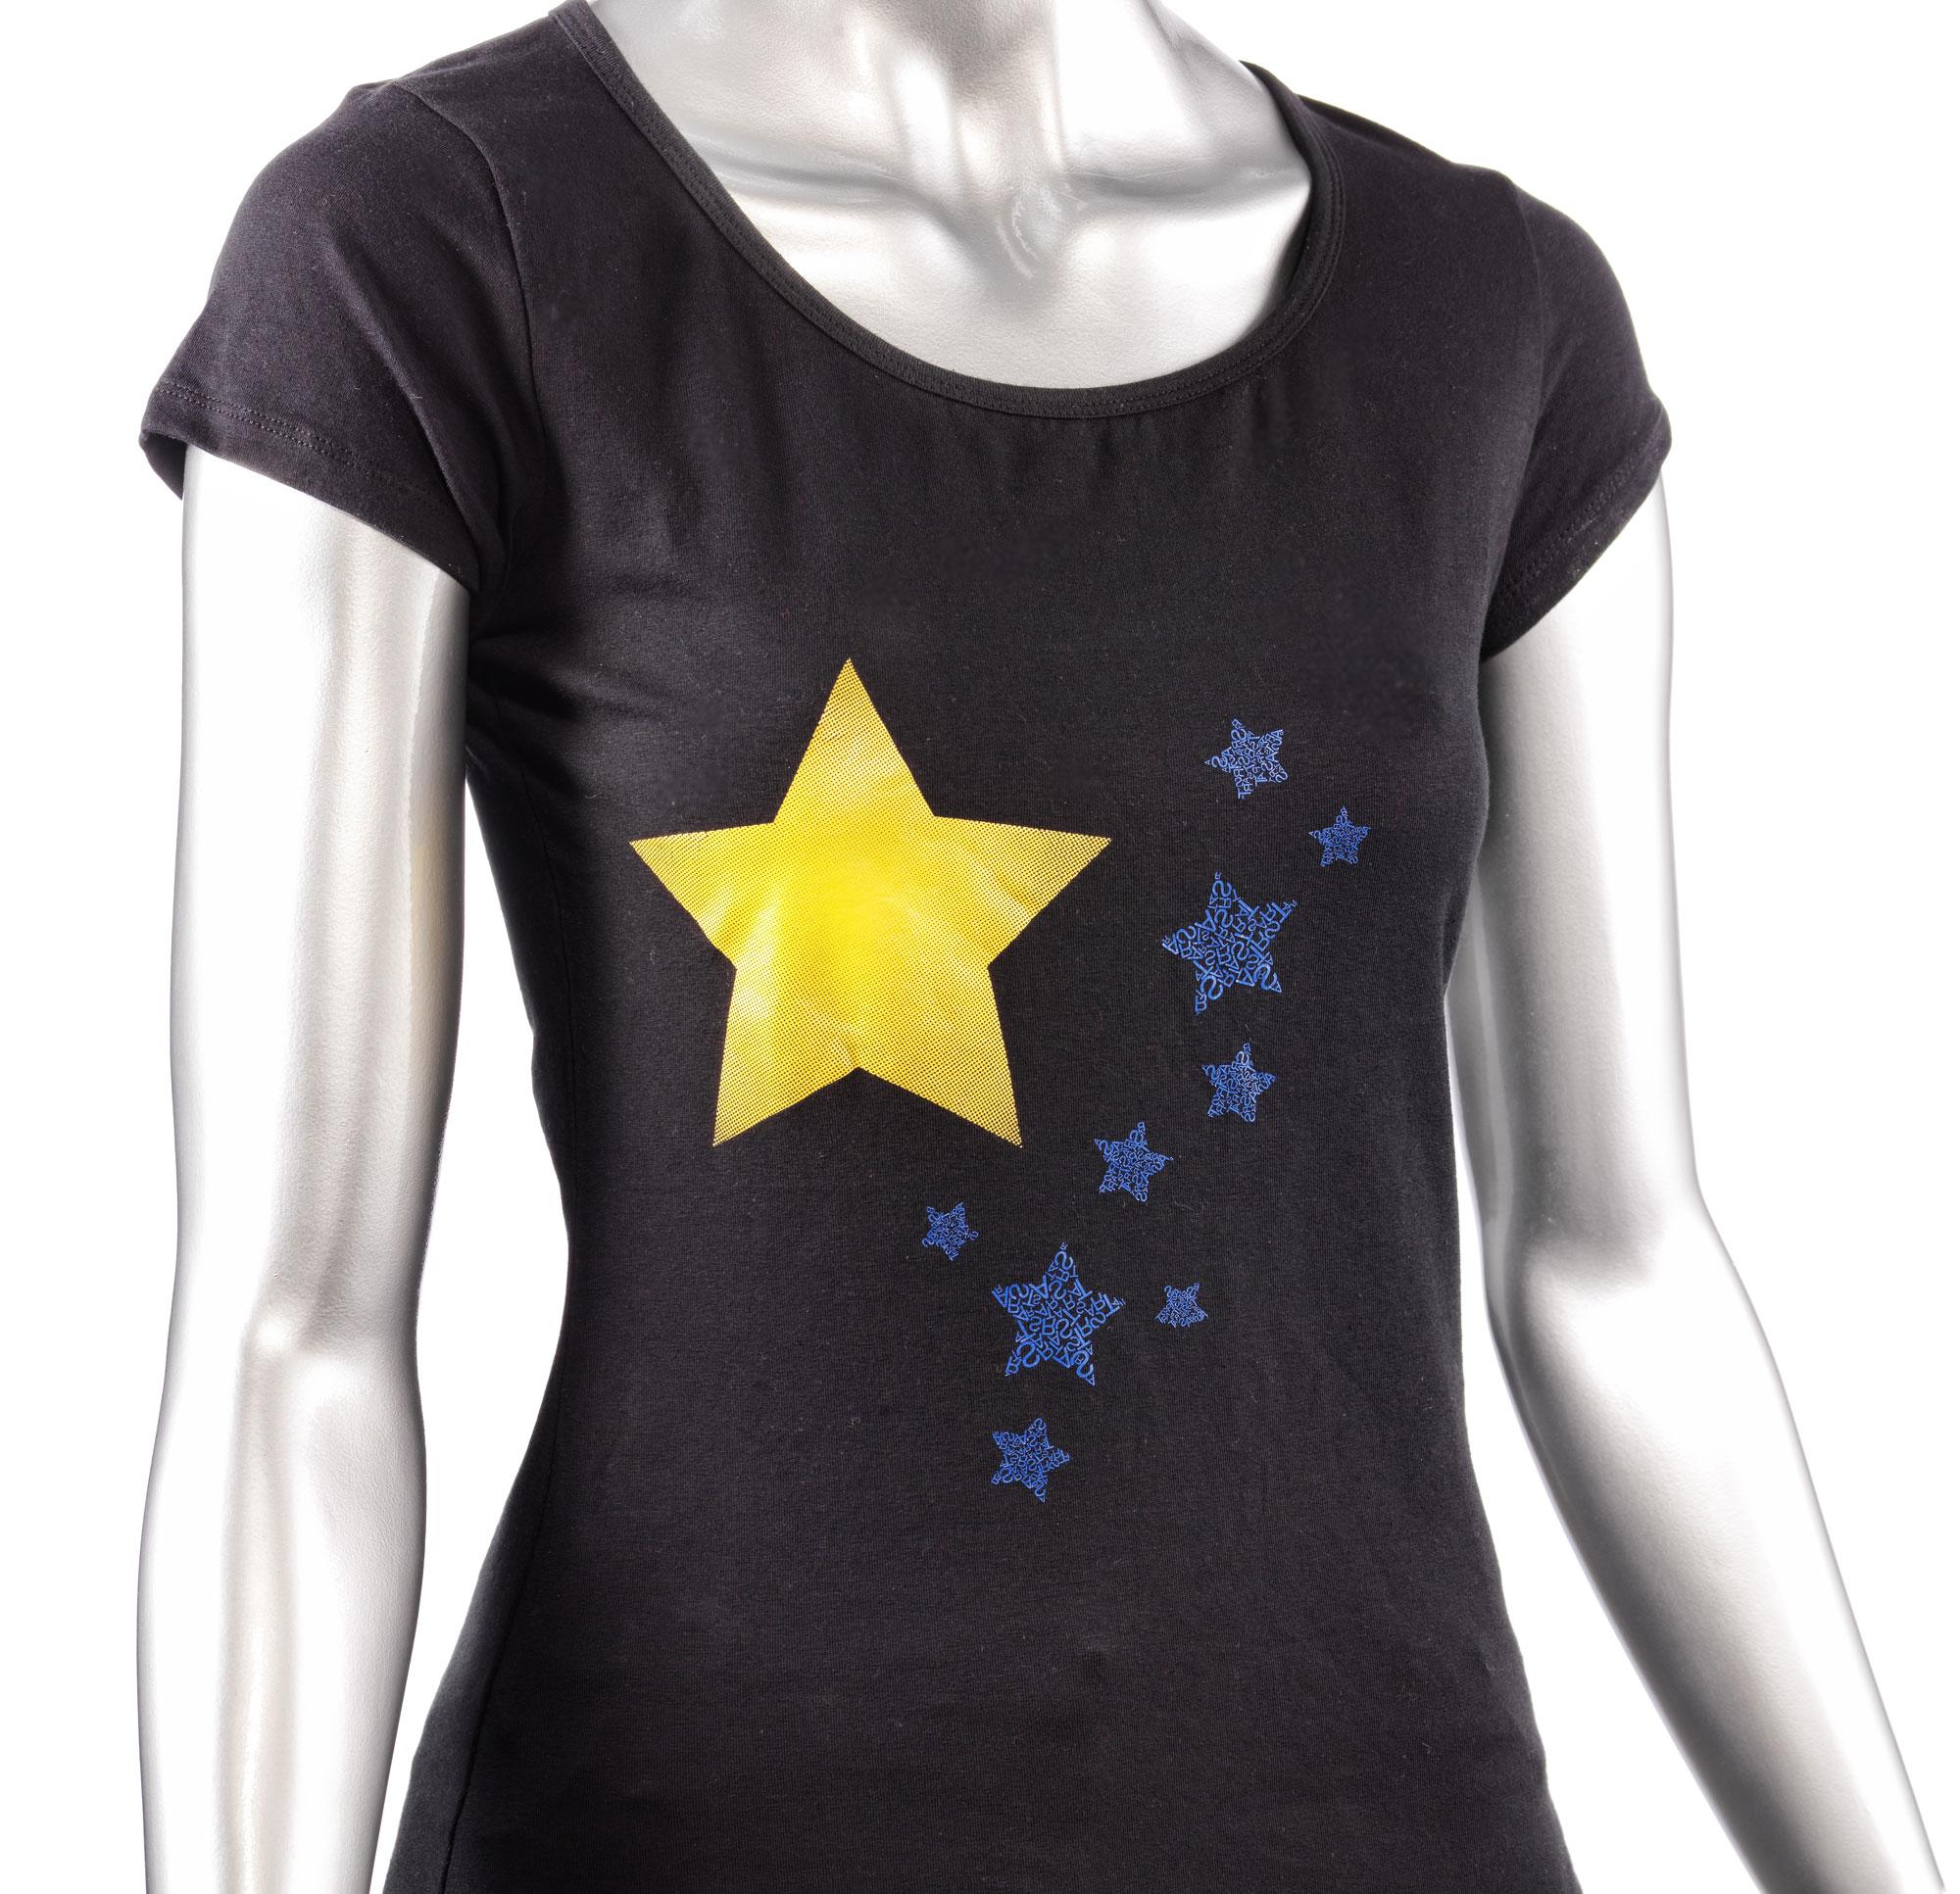 T-shirt Veredelung mit dem lasergravierbaren Folien